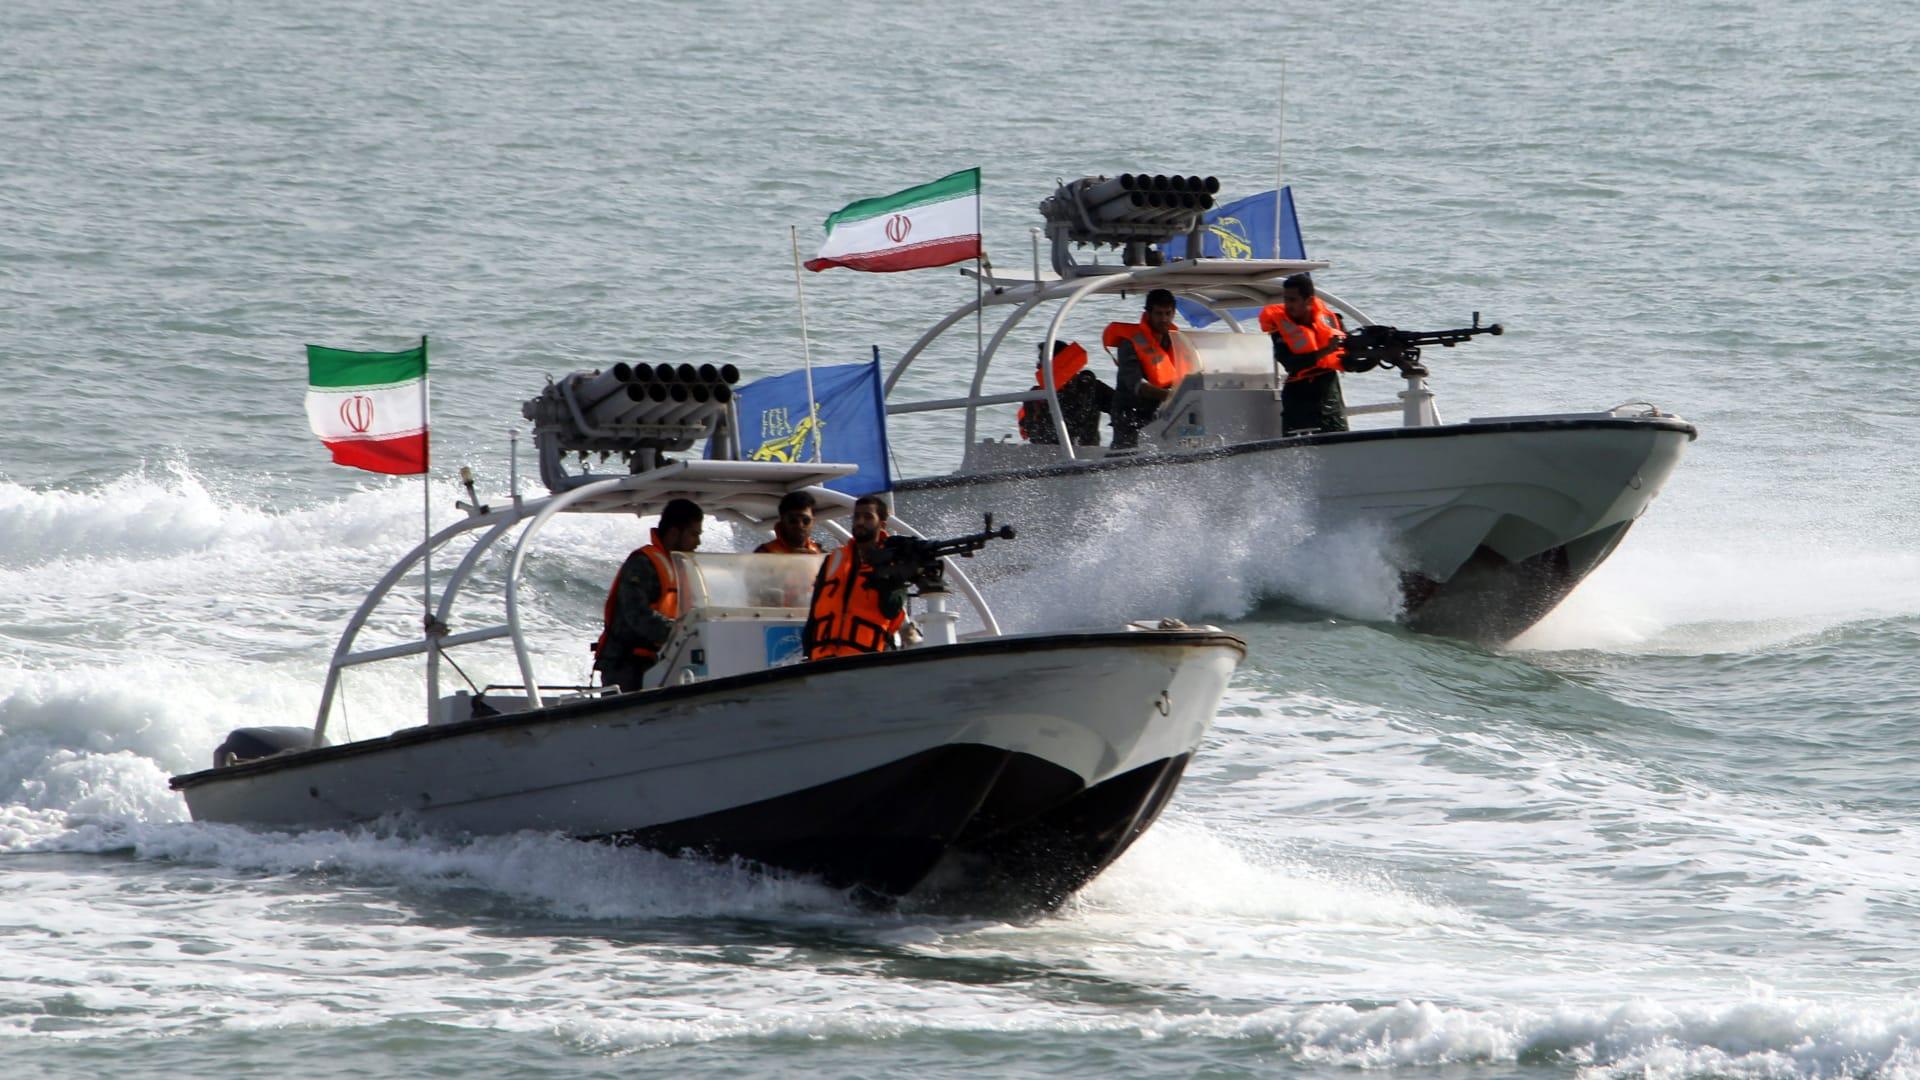 """إيران تذكر أمريكا بـ""""الرحلة 655"""": لن ننسى وعليكم أن تغادروا المنطقة"""